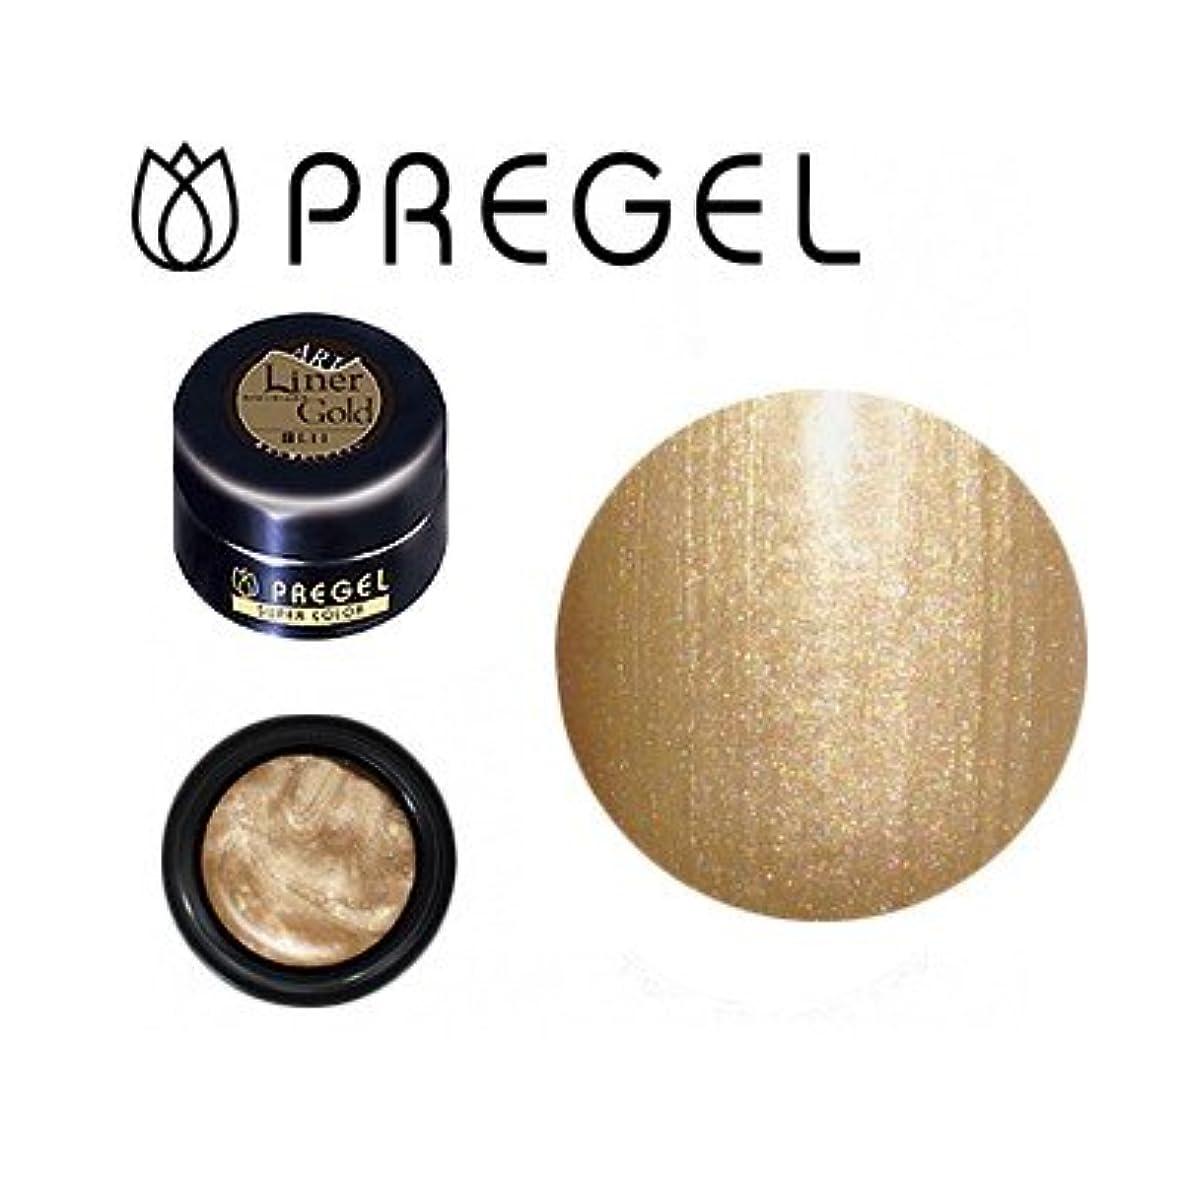 リハーサル退化するフィヨルドジェルネイル カラージェル プリジェル PREGEL スーパーカラーEx ライナーゴールド-P 4g